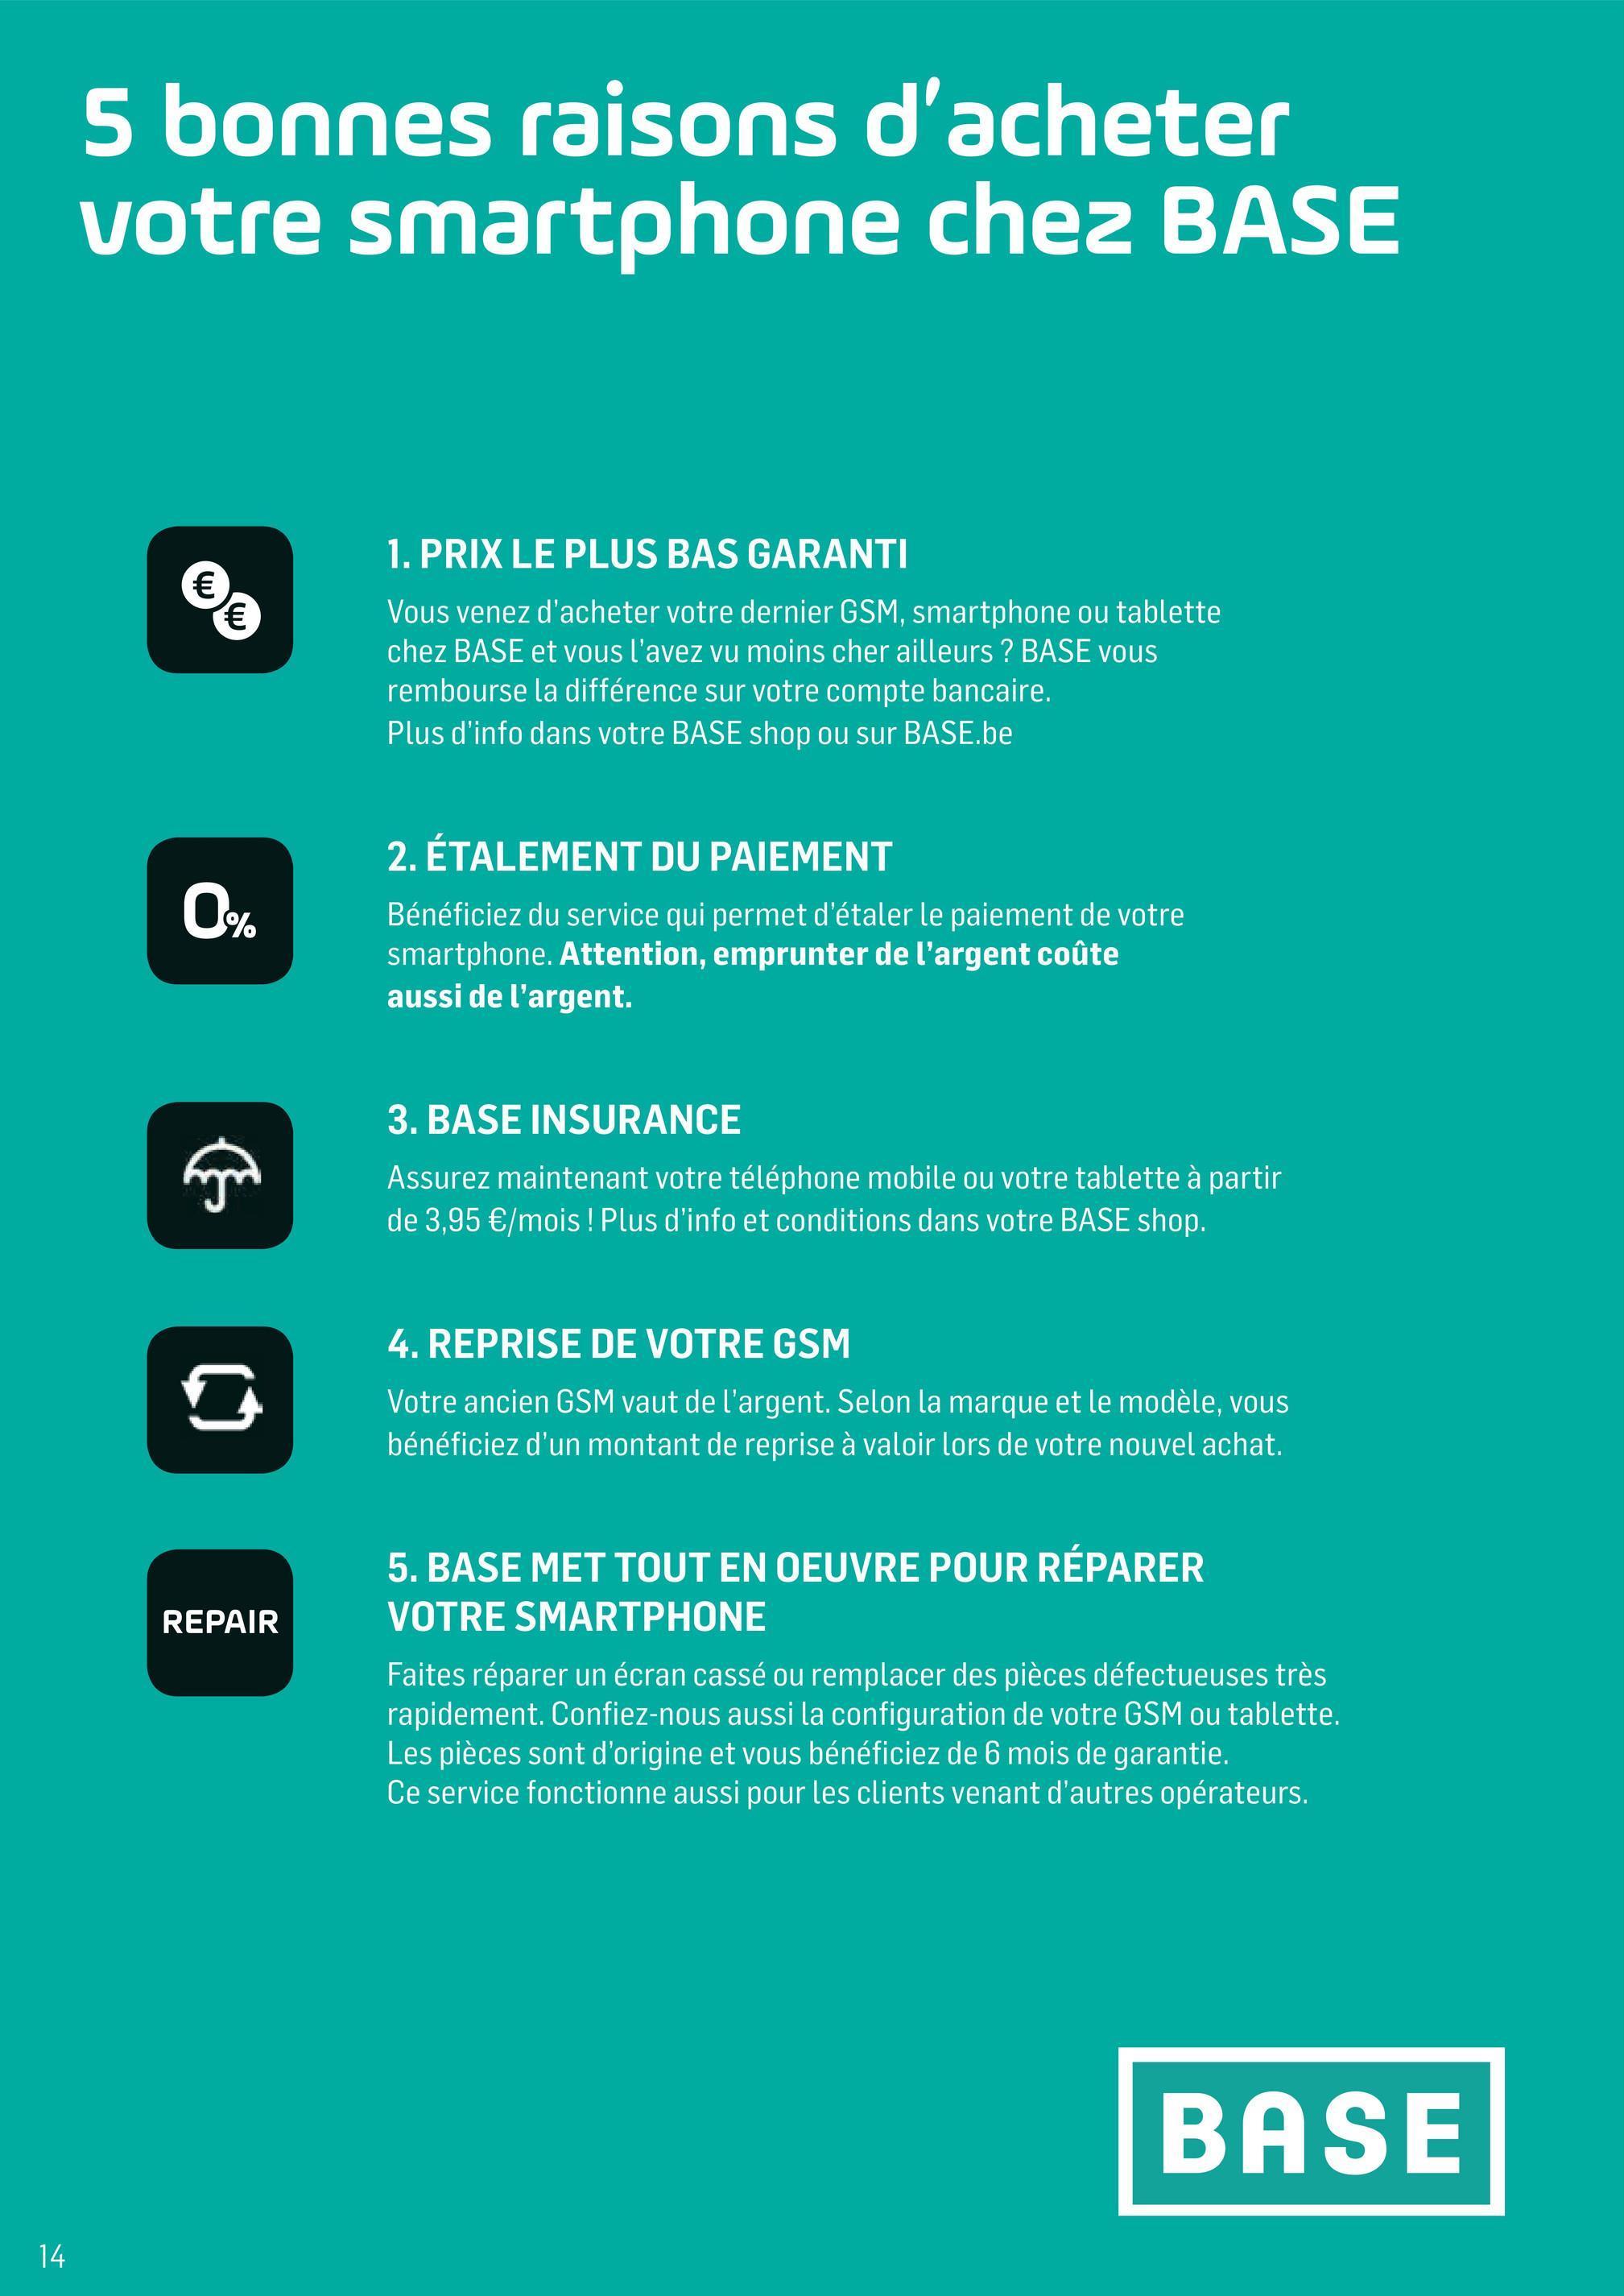 5 bonnes raisons d'acheter votre smartphone chez BASE 1. PRIX LE PLUS BAS GARANTI Vous venez d'acheter votre dernier GSM, smartphone ou tablette chez BASE et vous l'avez vu moins cher ailleurs ? BASE vous rembourse la différence sur votre compte bancaire. Plus d'info dans votre BASE shop ou sur BASE.be 2. ÉTALEMENT DU PAIEMENT Bénéficiez du service qui permet d'étaler le paiement de votre smartphone. Attention, emprunter de l'argent coûte aussi de l'argent. 3. BASE INSURANCE Assurez maintenant votre téléphone mobile ou votre tablette à partir de 3,95 €/mois ! Plus d'info et conditions dans votre BASE shop. 4. REPRISE DE VOTRE GSM Votre ancien GSM vaut de l'argent. Selon la marque et le modèle, vous bénéficiez d'un montant de reprise à valoir lors de votre nouvel achat. 5. BASE MET TOUT EN OEUVRE POUR RÉPARER VOTRE SMARTPHONE REPAIR Faites réparer un écran cassé ou remplacer des pièces défectueuses très rapidement. Confiez-nous aussi la configuration de votre GSM ou tablette. Les pièces sont d'origine et vous bénéficiez de 6 mois de garantie. Ce service fonctionne aussi pour les clients venant d'autres opérateurs. BASE 14